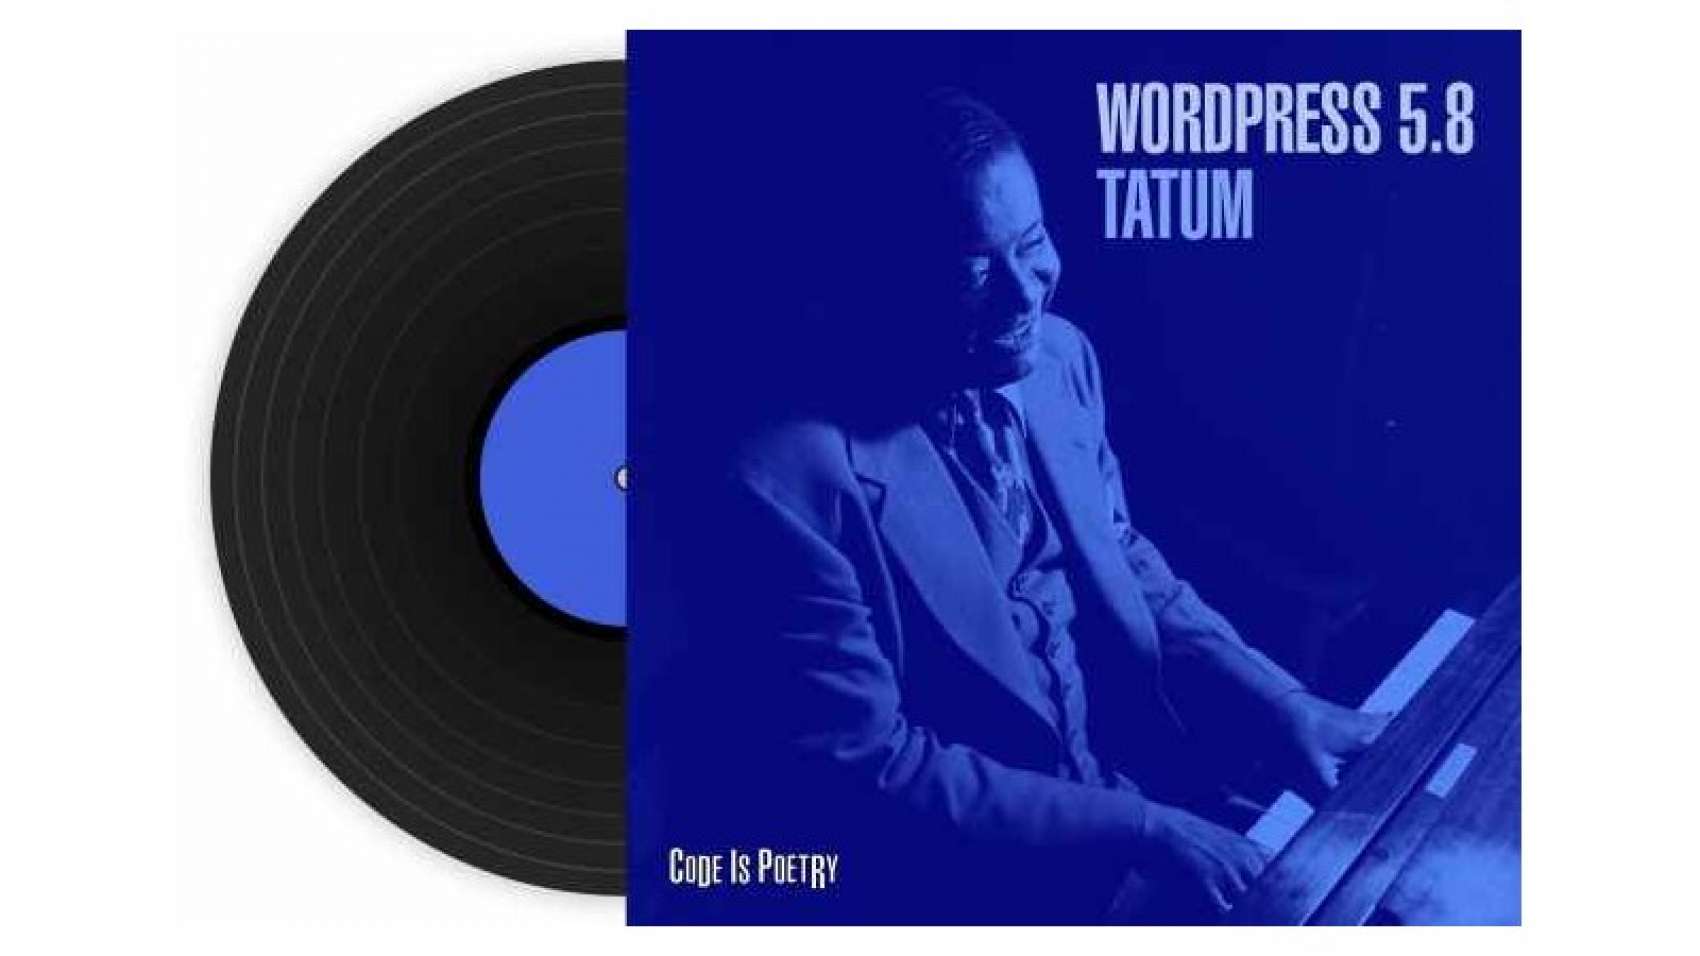 Вышла WordPress 5.8 Tatum: что нового?